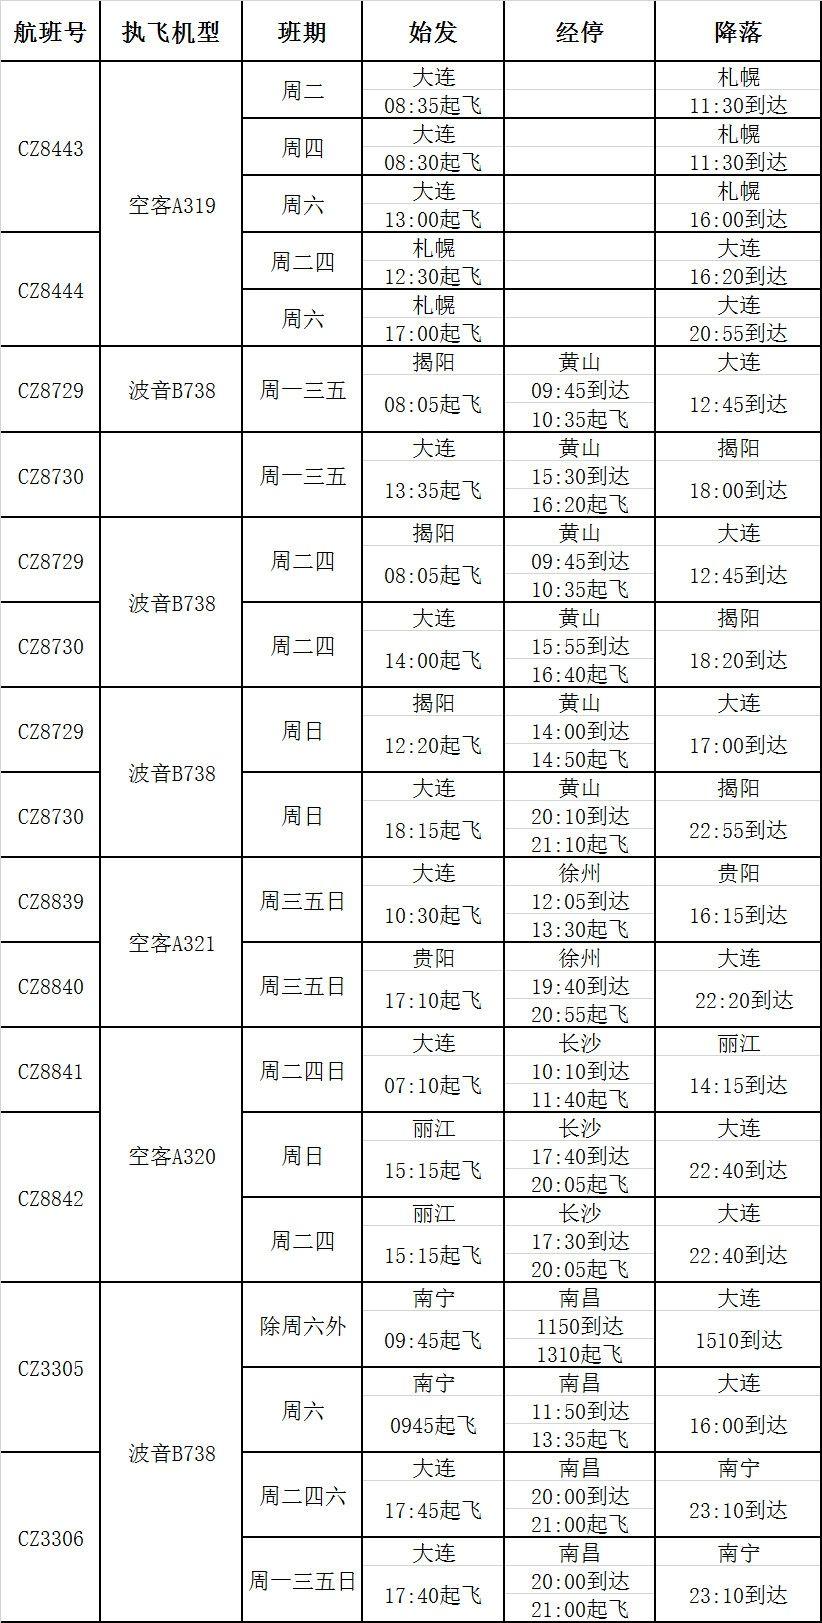 南航将在大连新增丽江、黄山、札幌等多条旅游航线